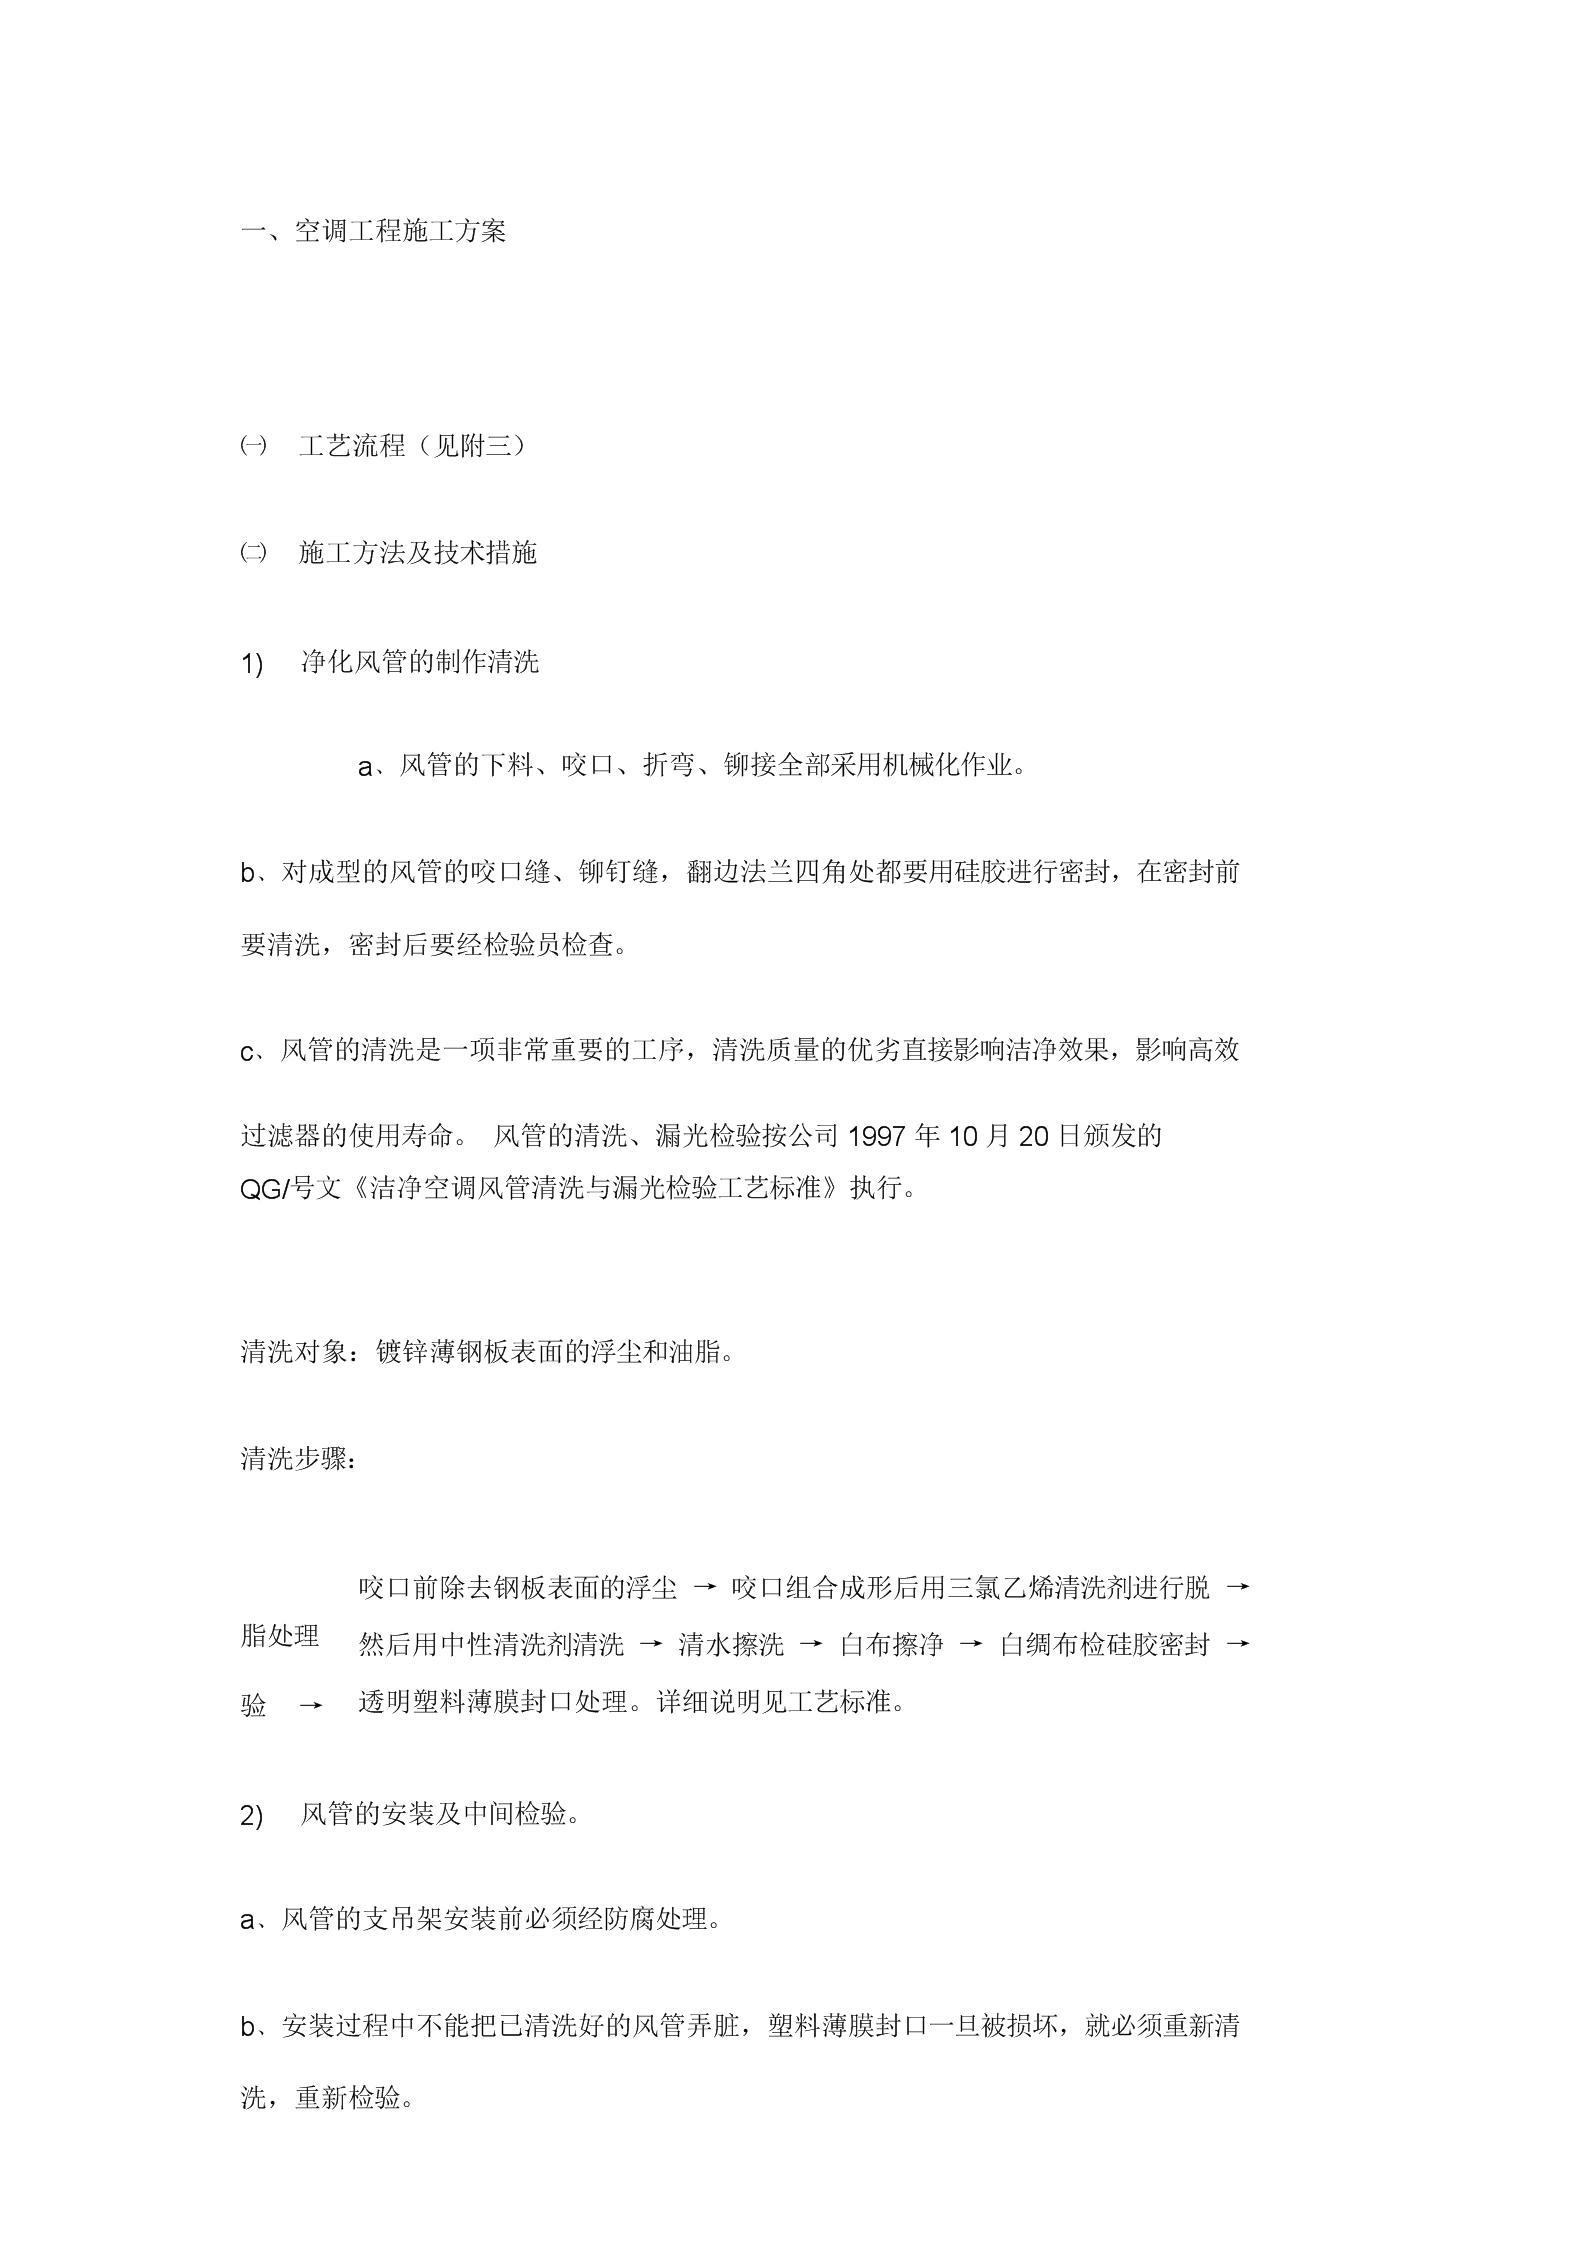 空调施工方案74331.doc